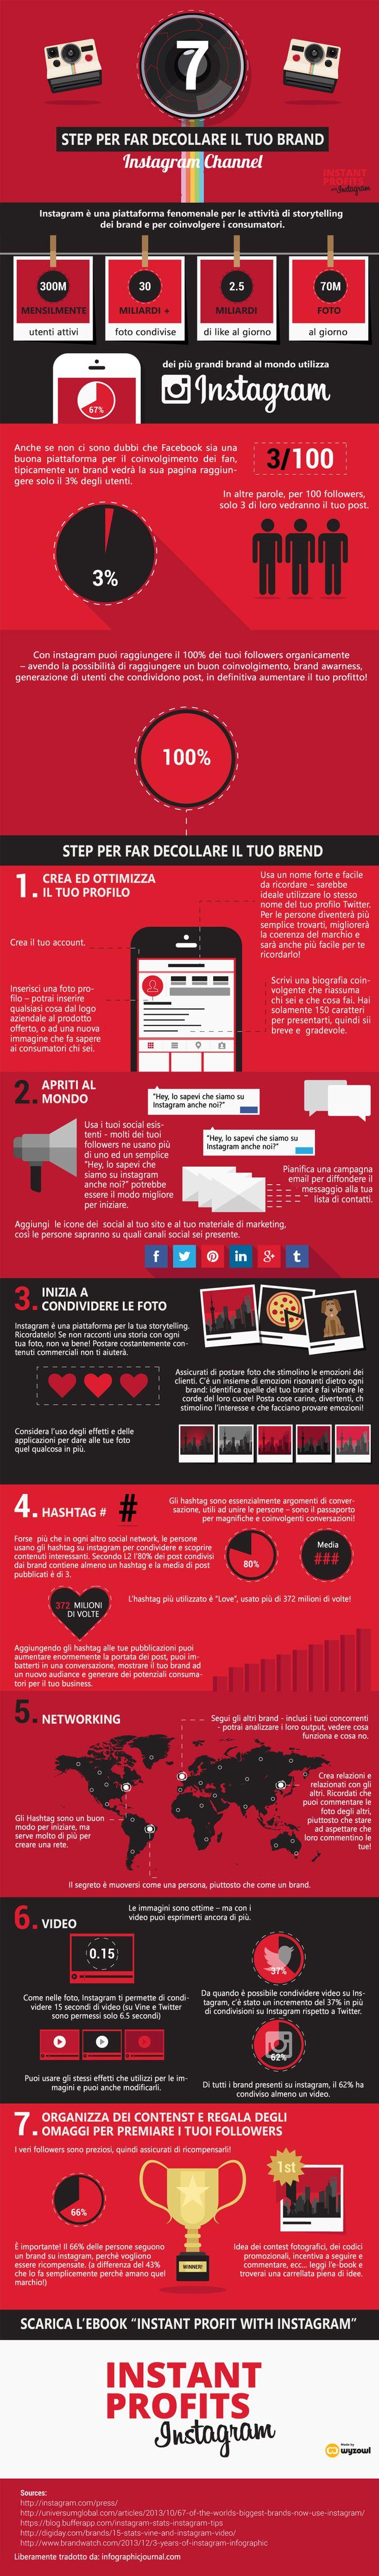 Fai decollare il tuo #brand con #Instagram! - #infografica #socialmedia - #1Minutesite